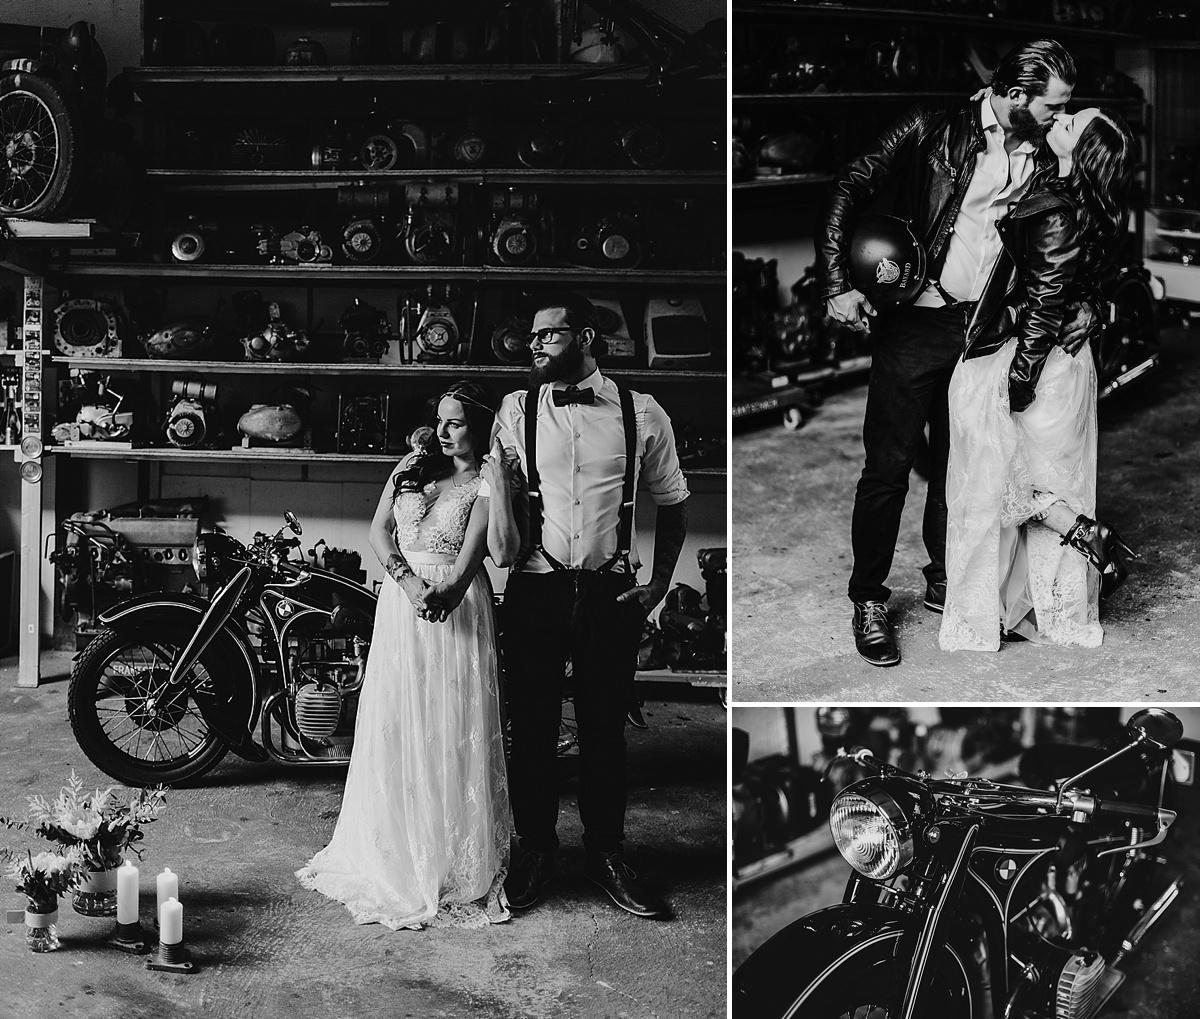 Hochzeit_Motorrad_Werkstatt_0009